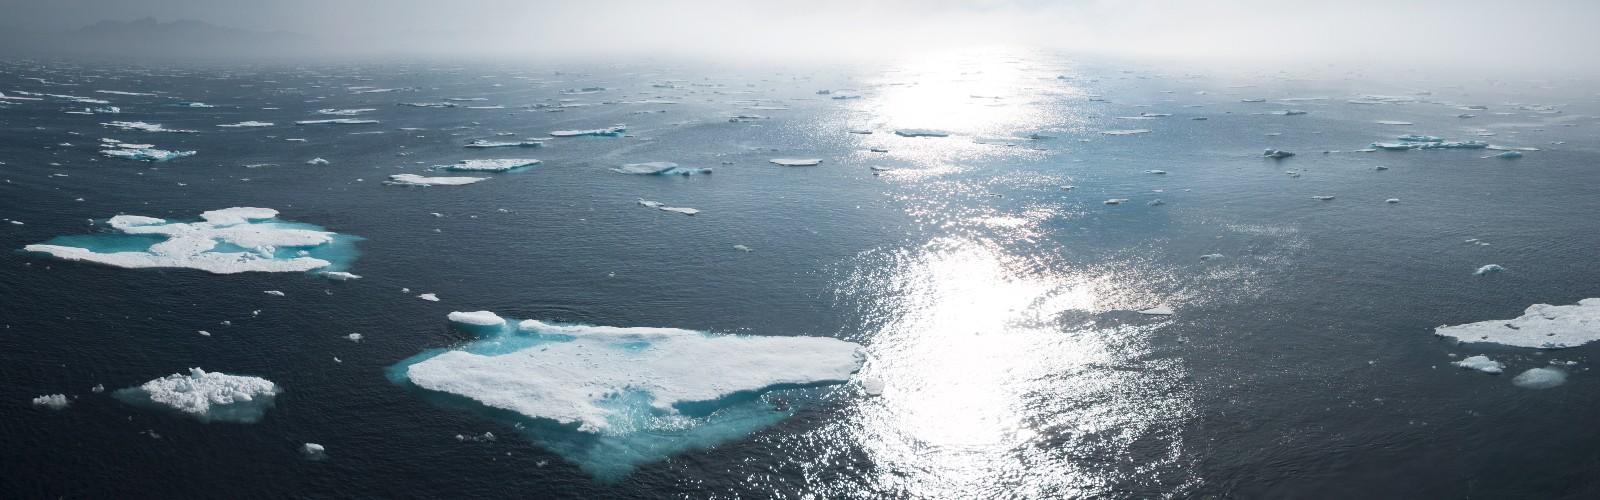 Image of melting icebergs